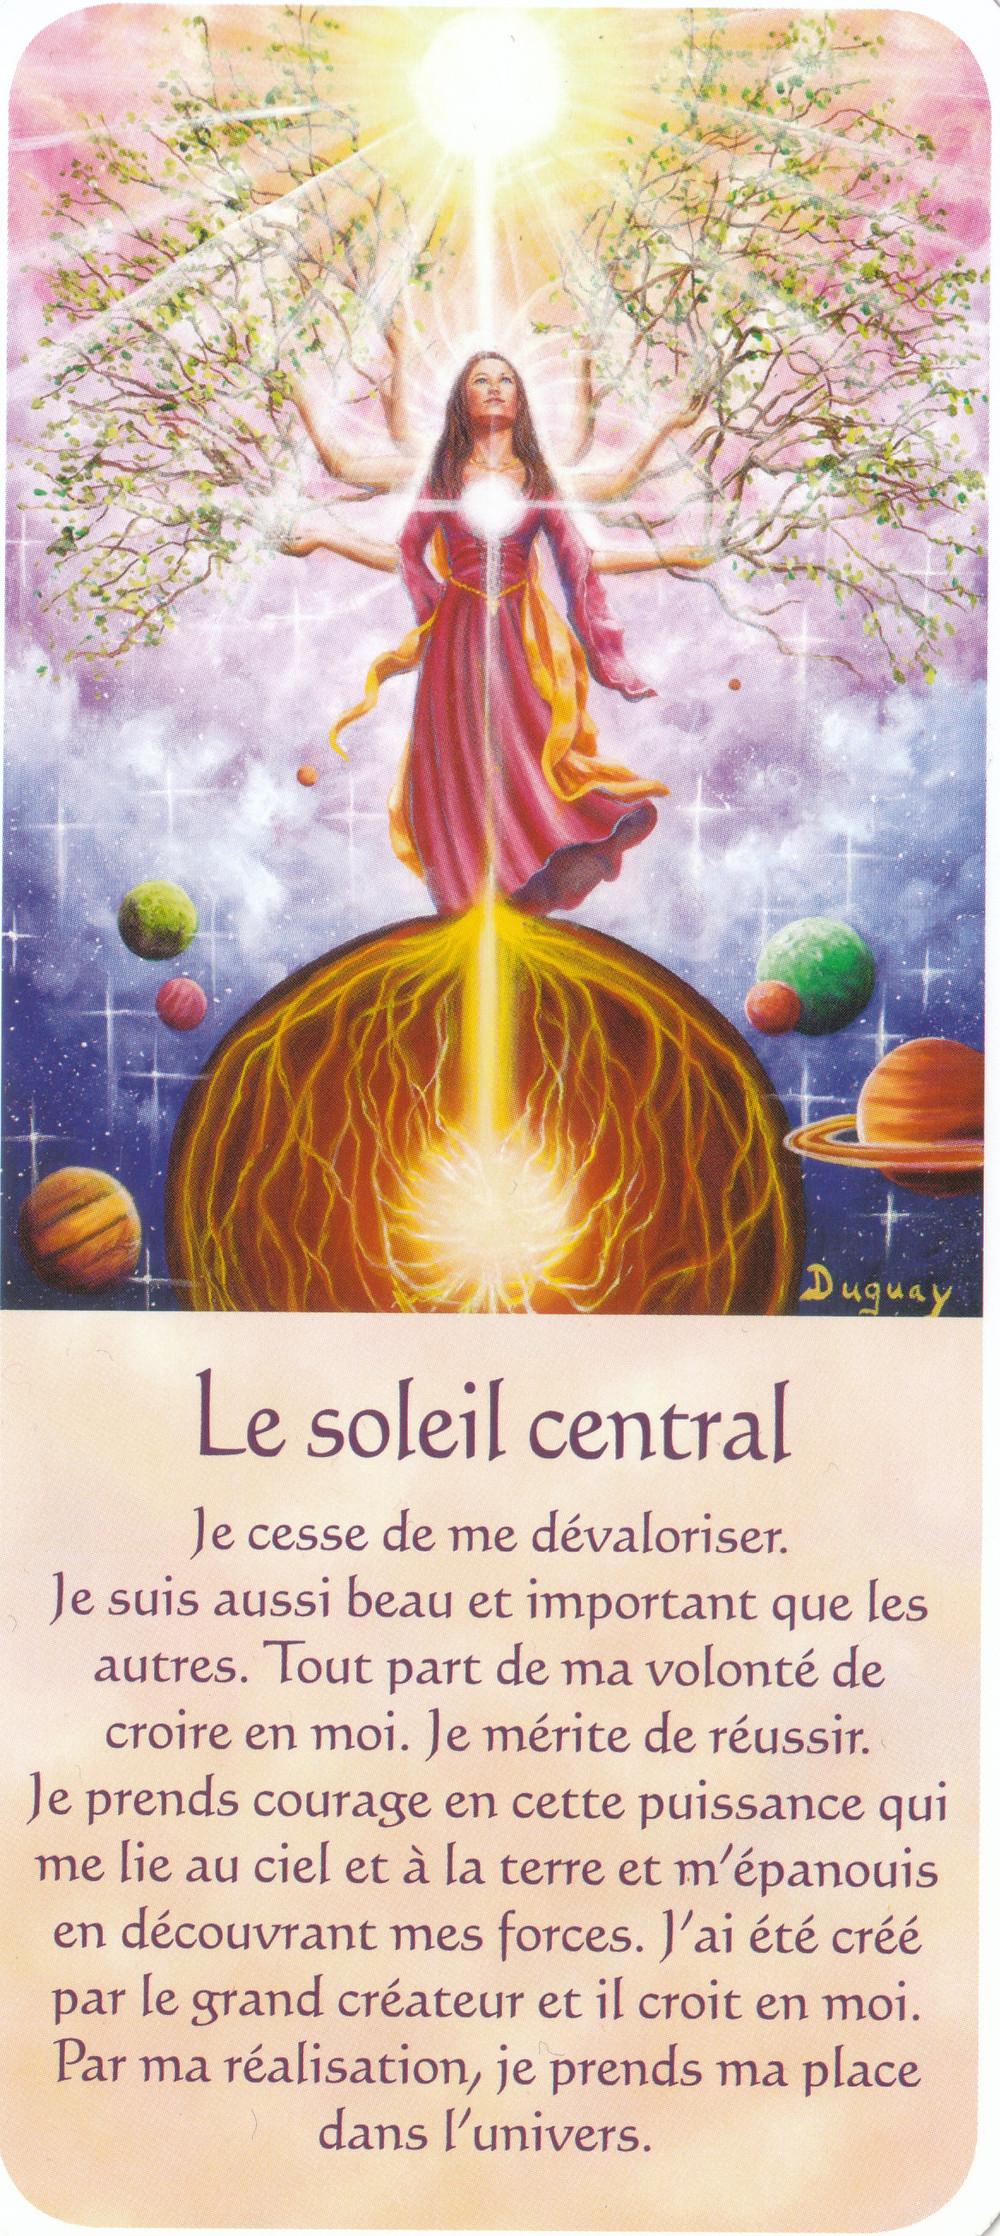 Carte tirée de Messages d'Eveil, de Mario Duguay - Le soleil Central